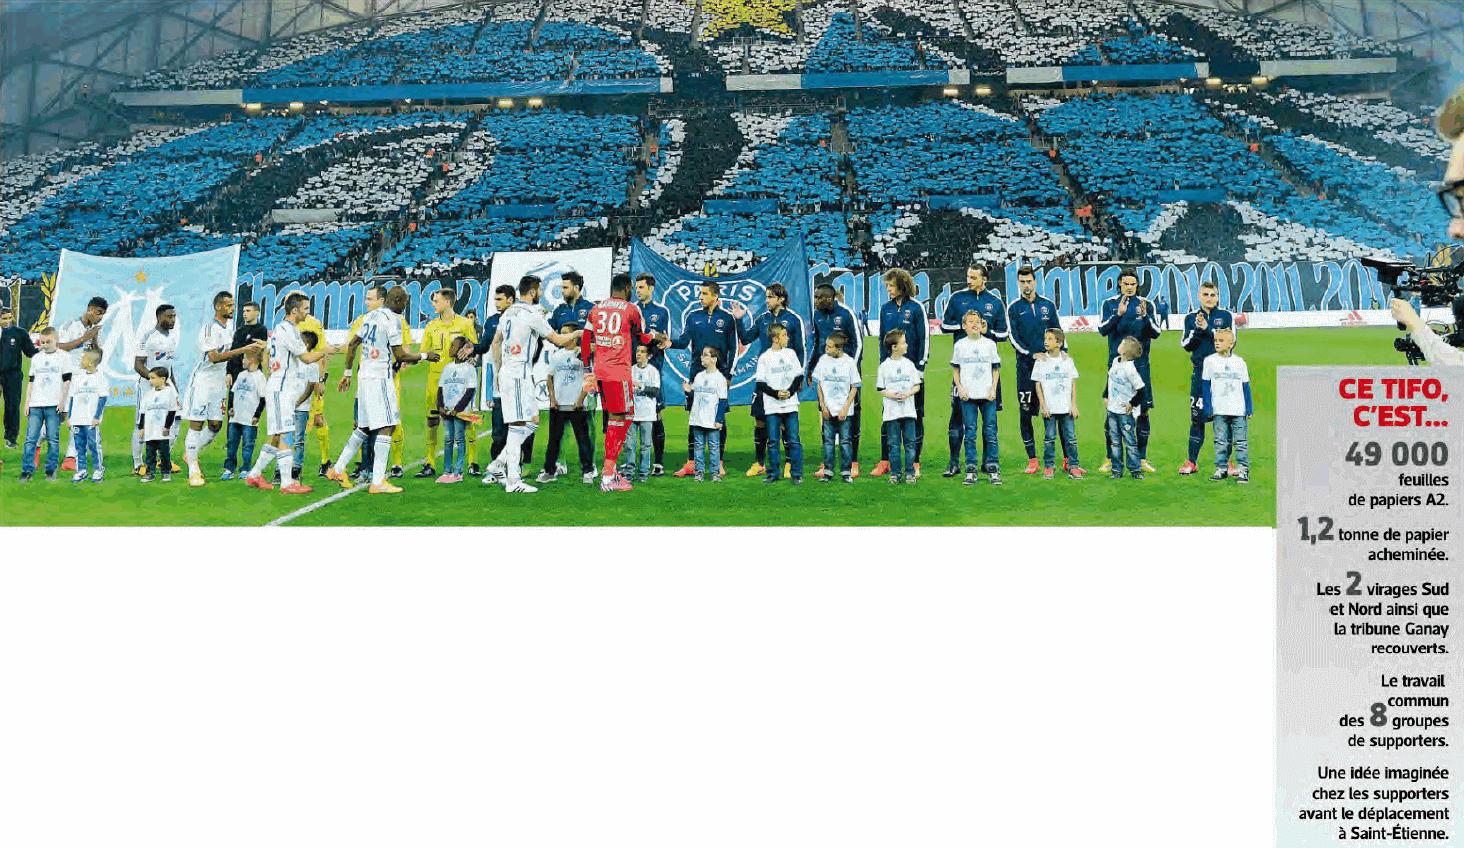 [Stade Vélodrome] Le nouveau chœur de Marseille - Page 23 CB5m2oBWAAE01p6